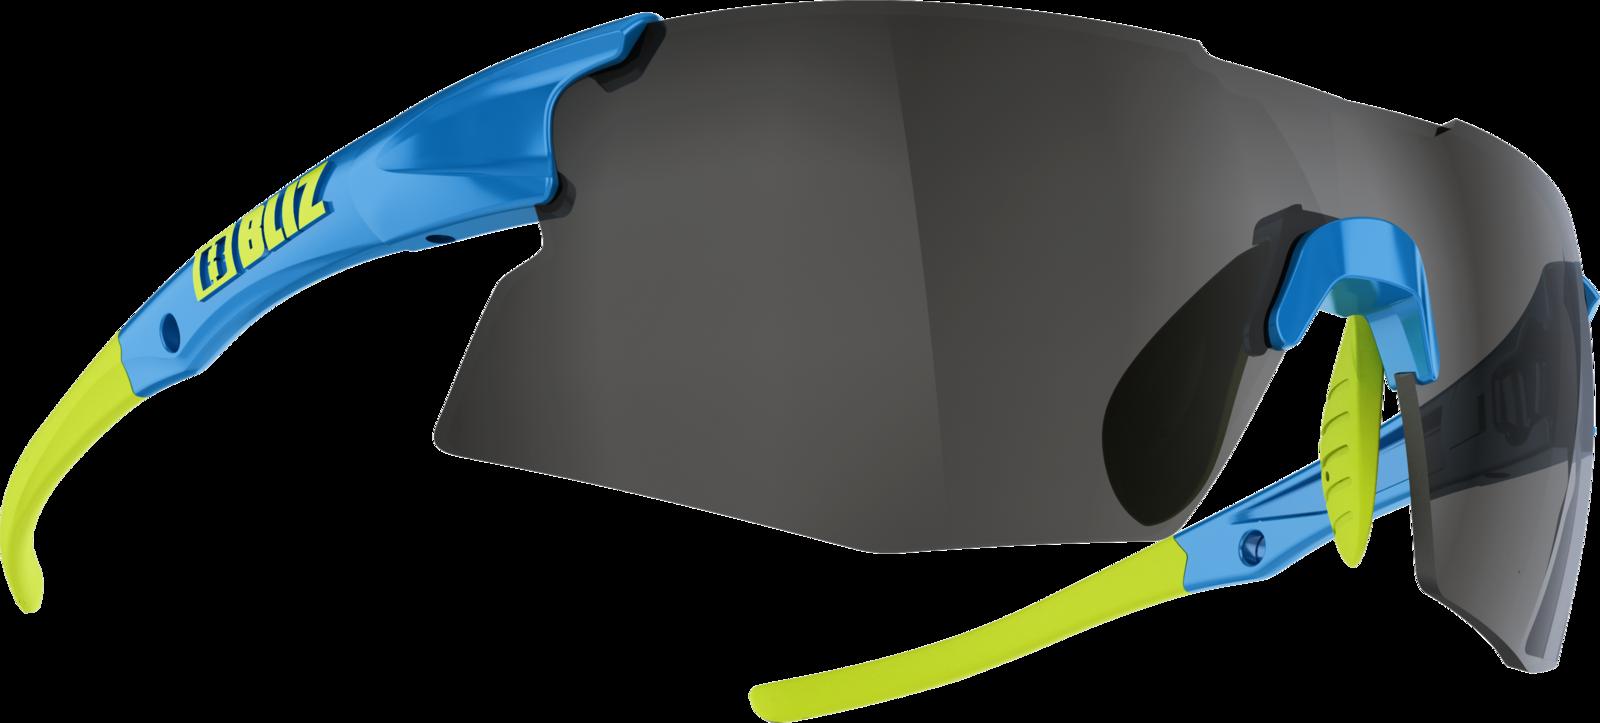 цена Очки спортивные Bliz Tempo Smallface, для беговых лыж, велоспорта, цвет: синий онлайн в 2017 году